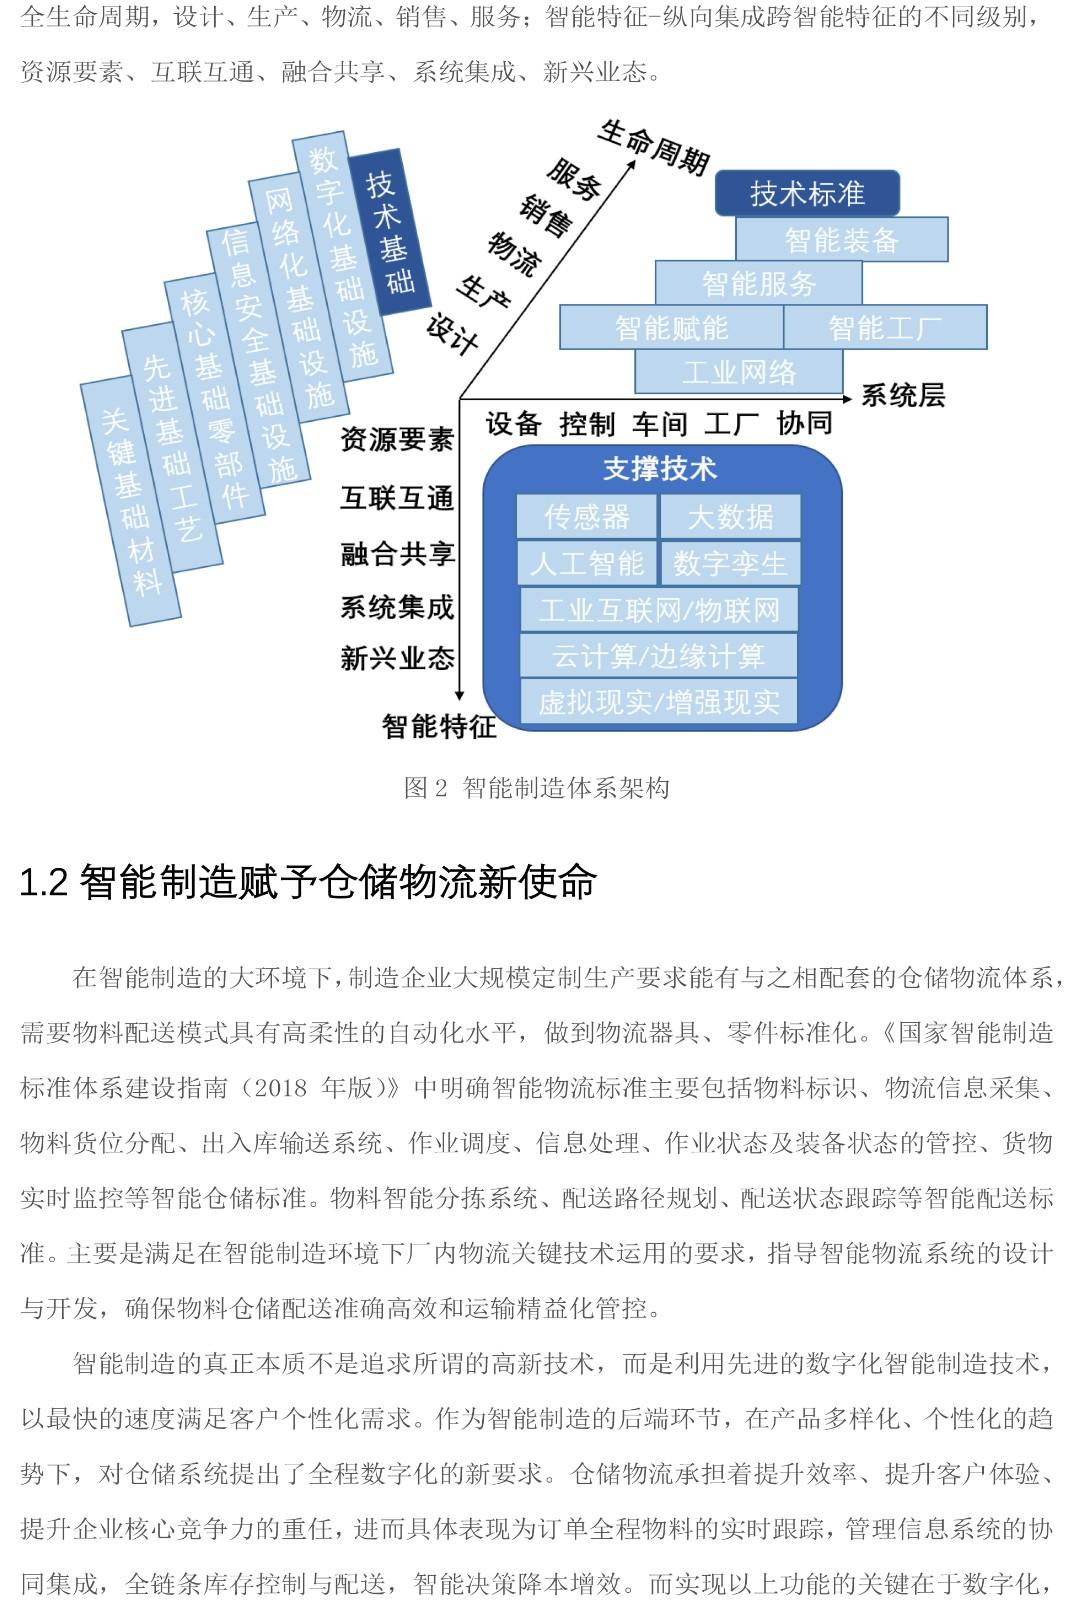 面向智能制造的数字仓储系统解决方案-白皮书V2-4 拷贝.jpg